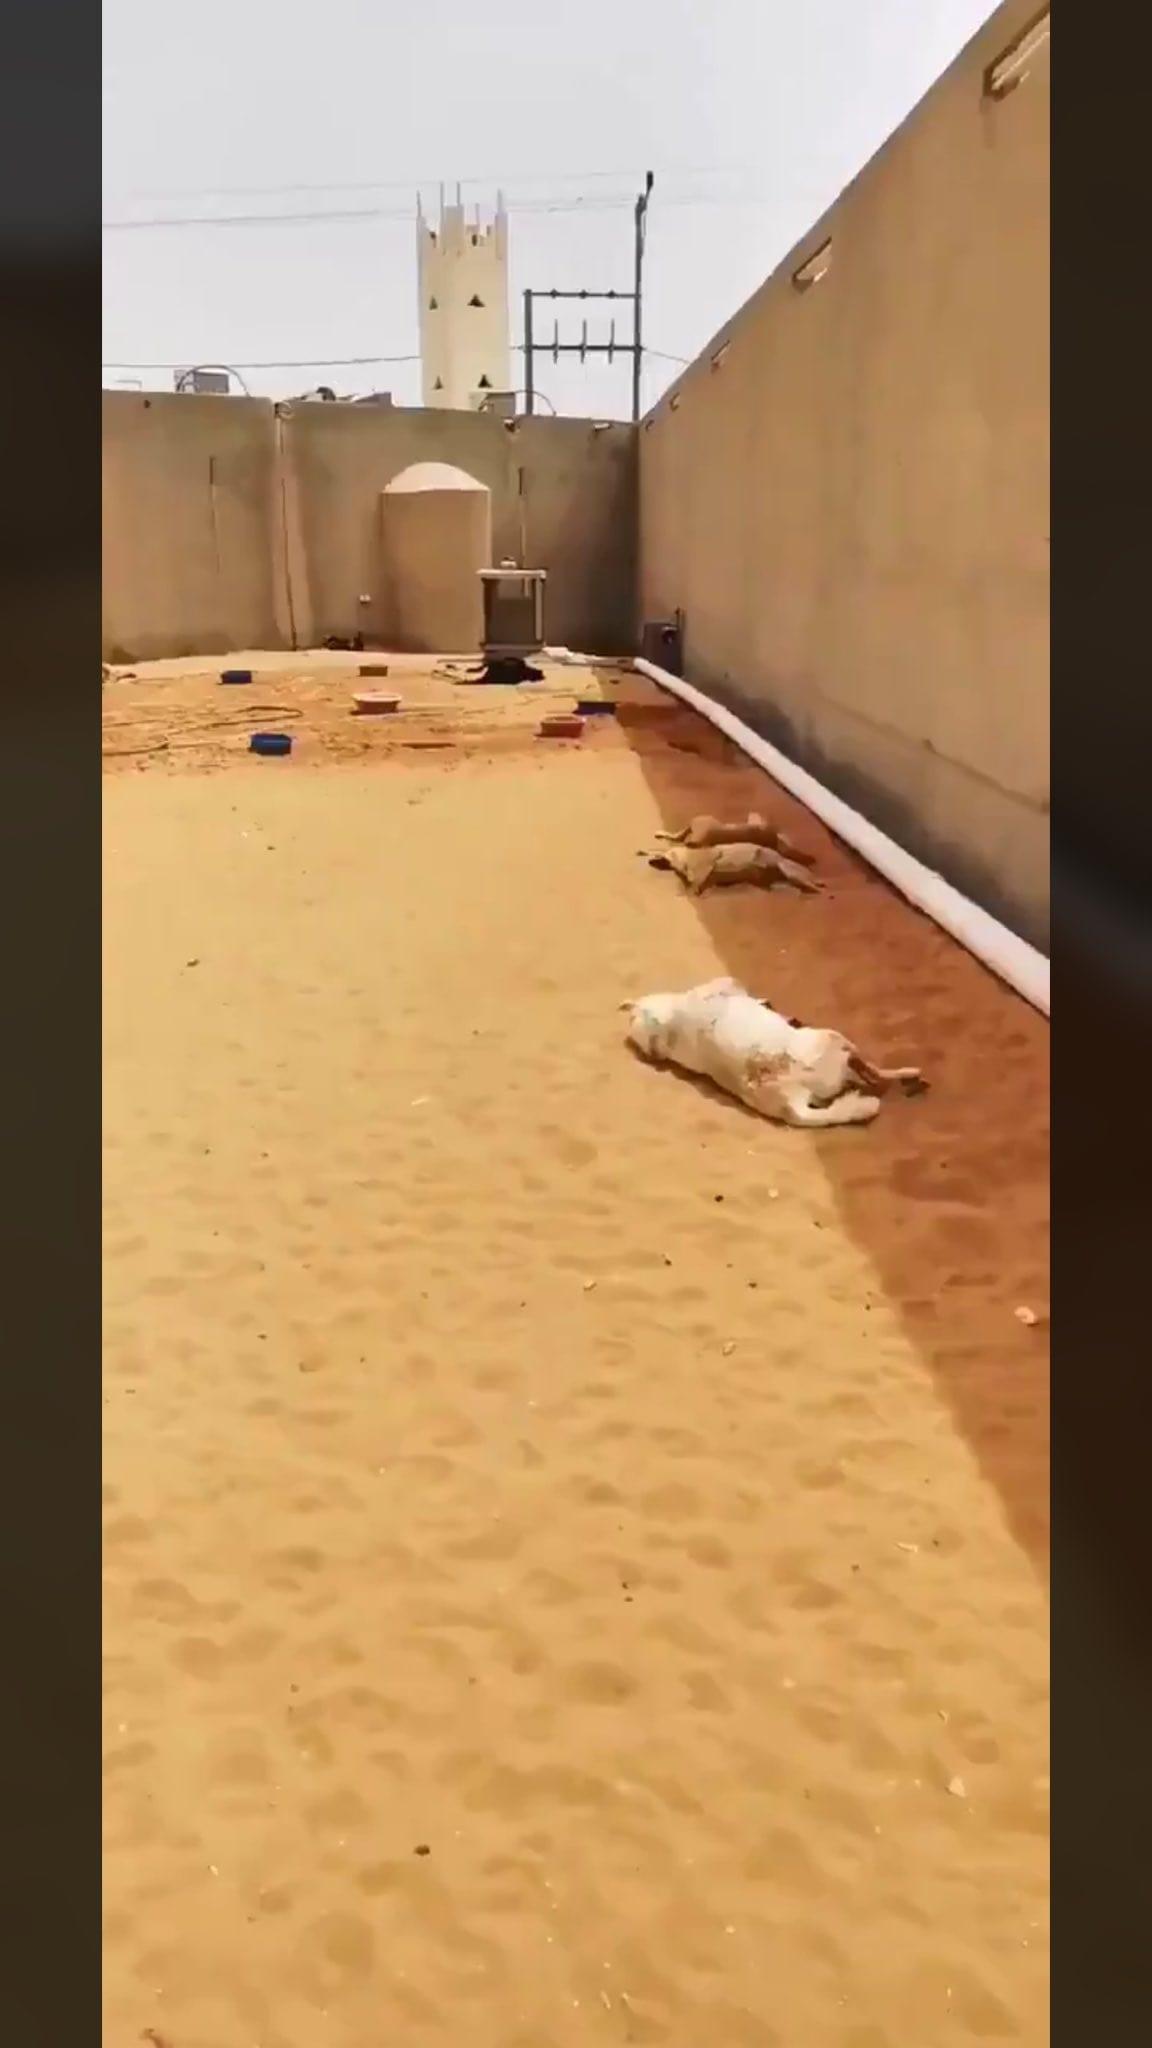 صورة مطالبات بالقبض على قاتل كلاب زاهر سماك في الرياض